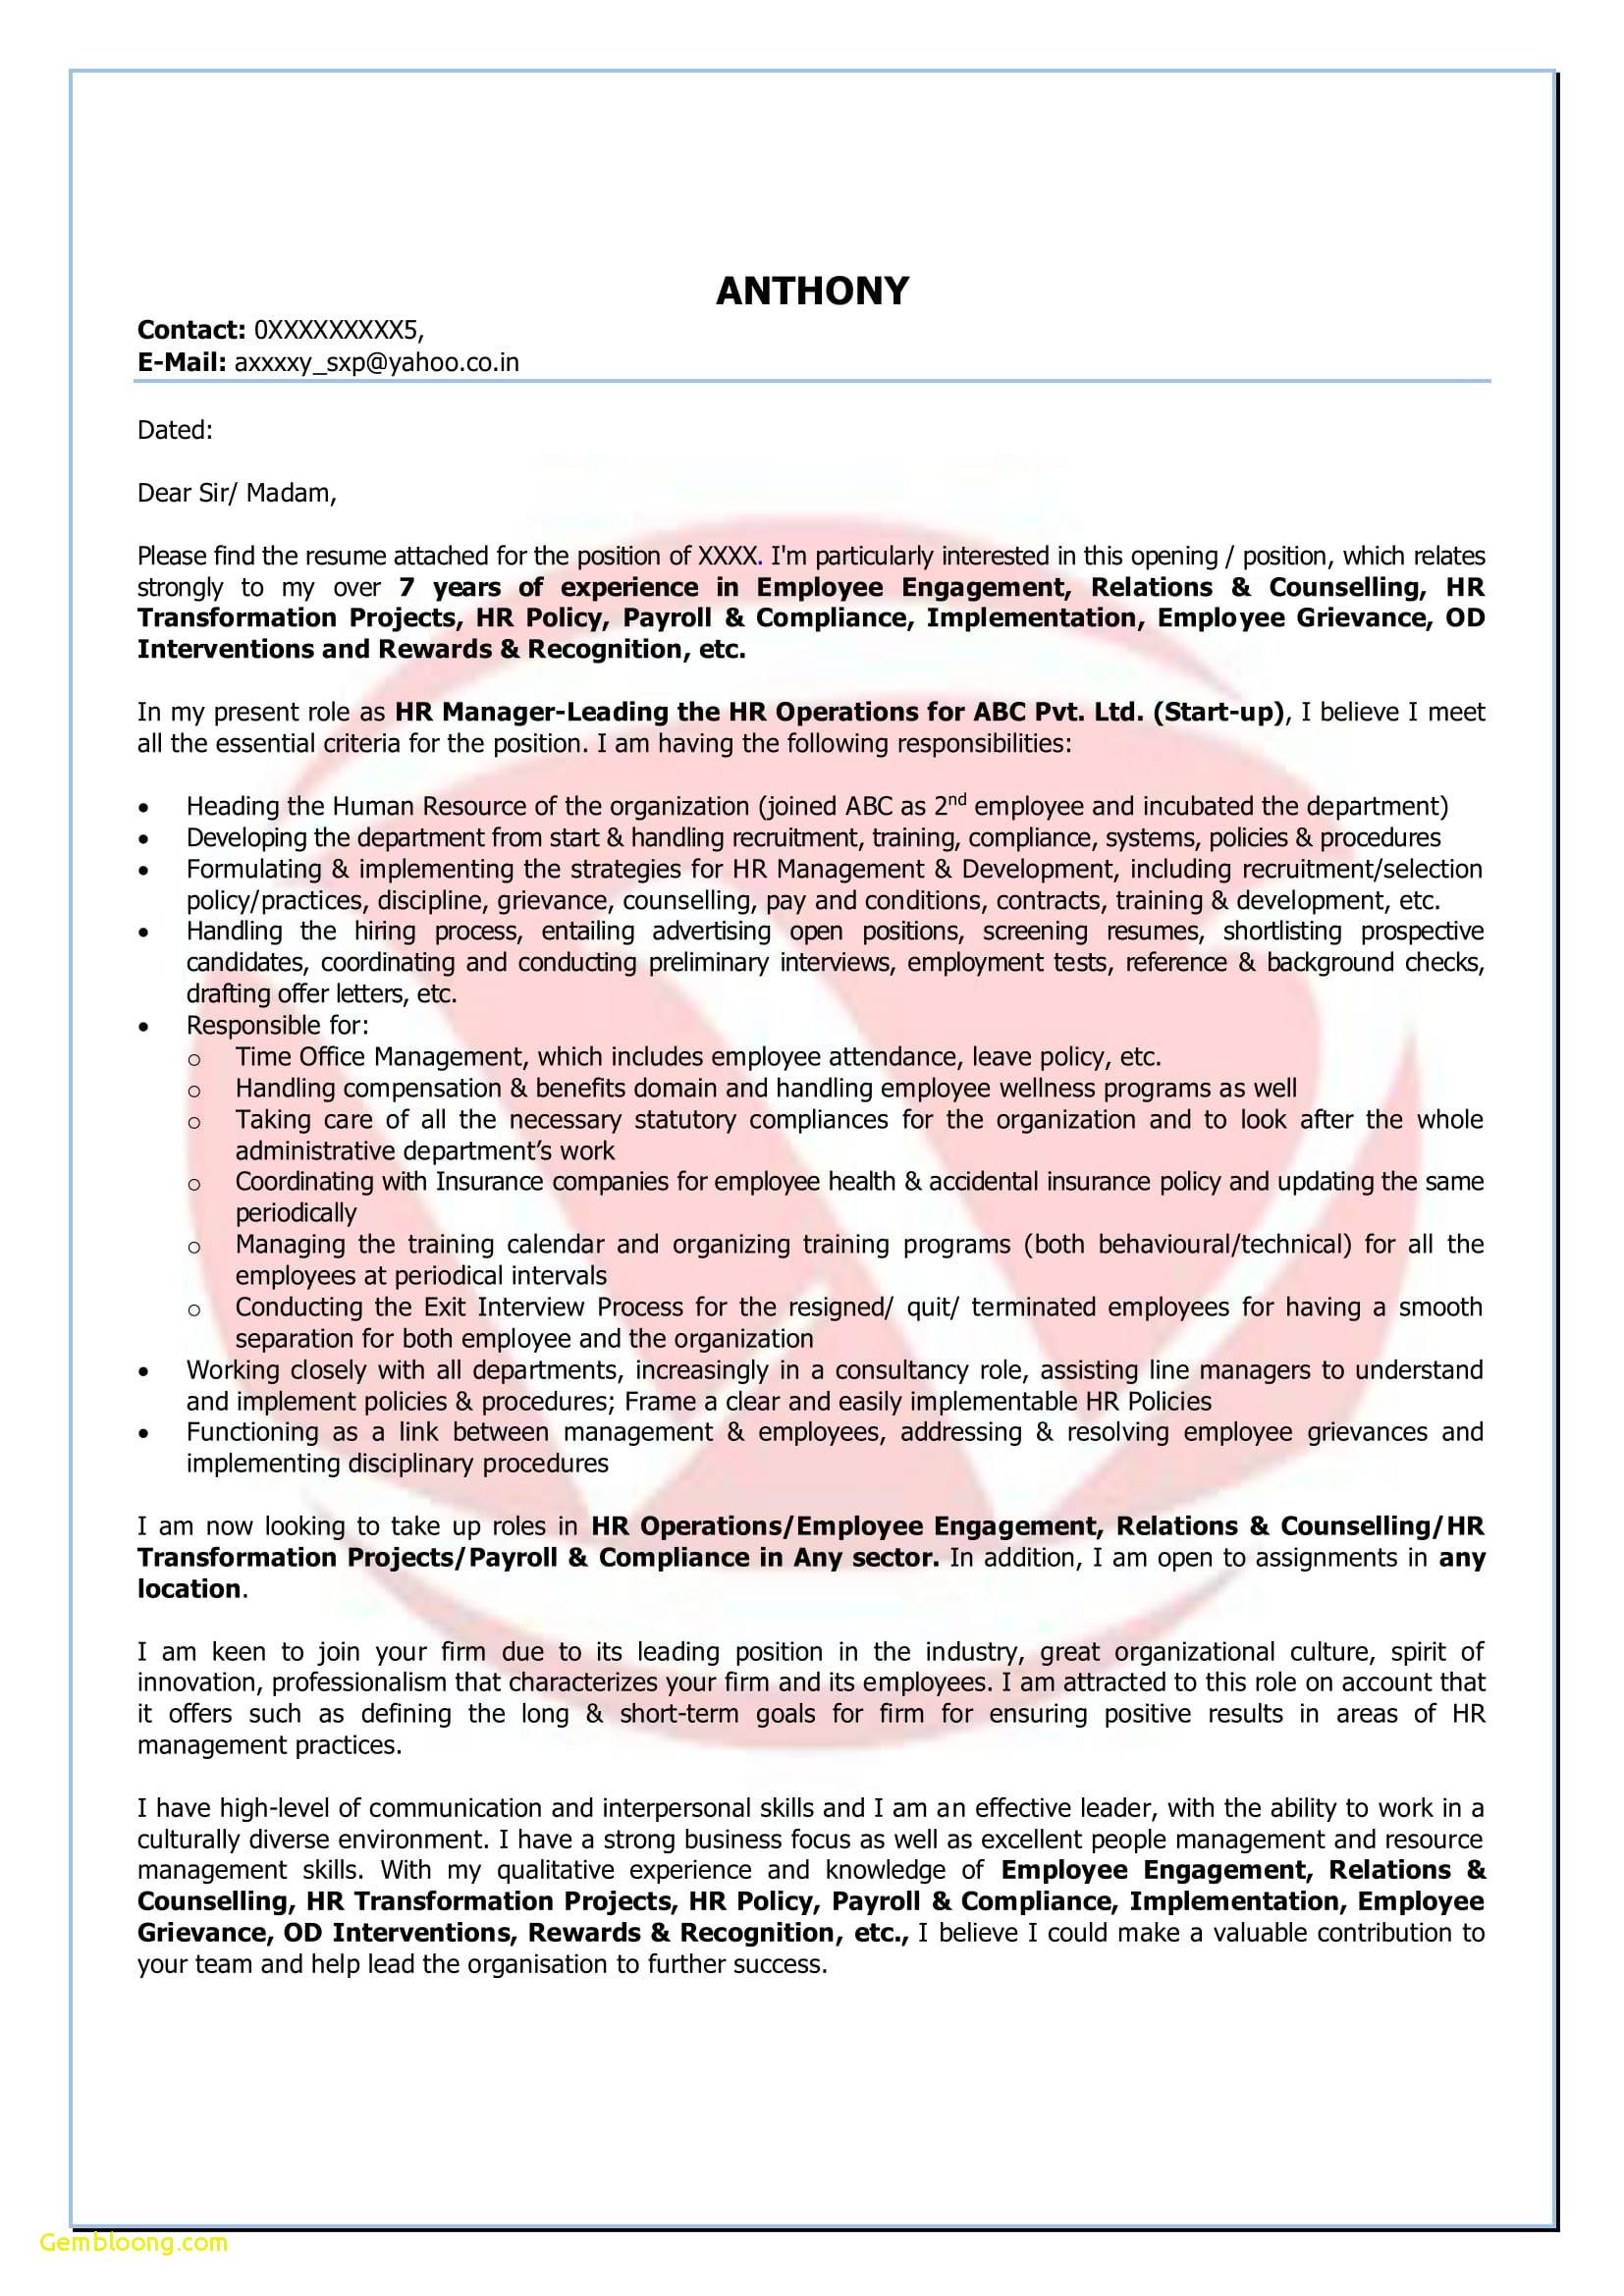 Maintenance Cover Letter Template - Customer Service Sample Resume Lovely Resume for Customer Service